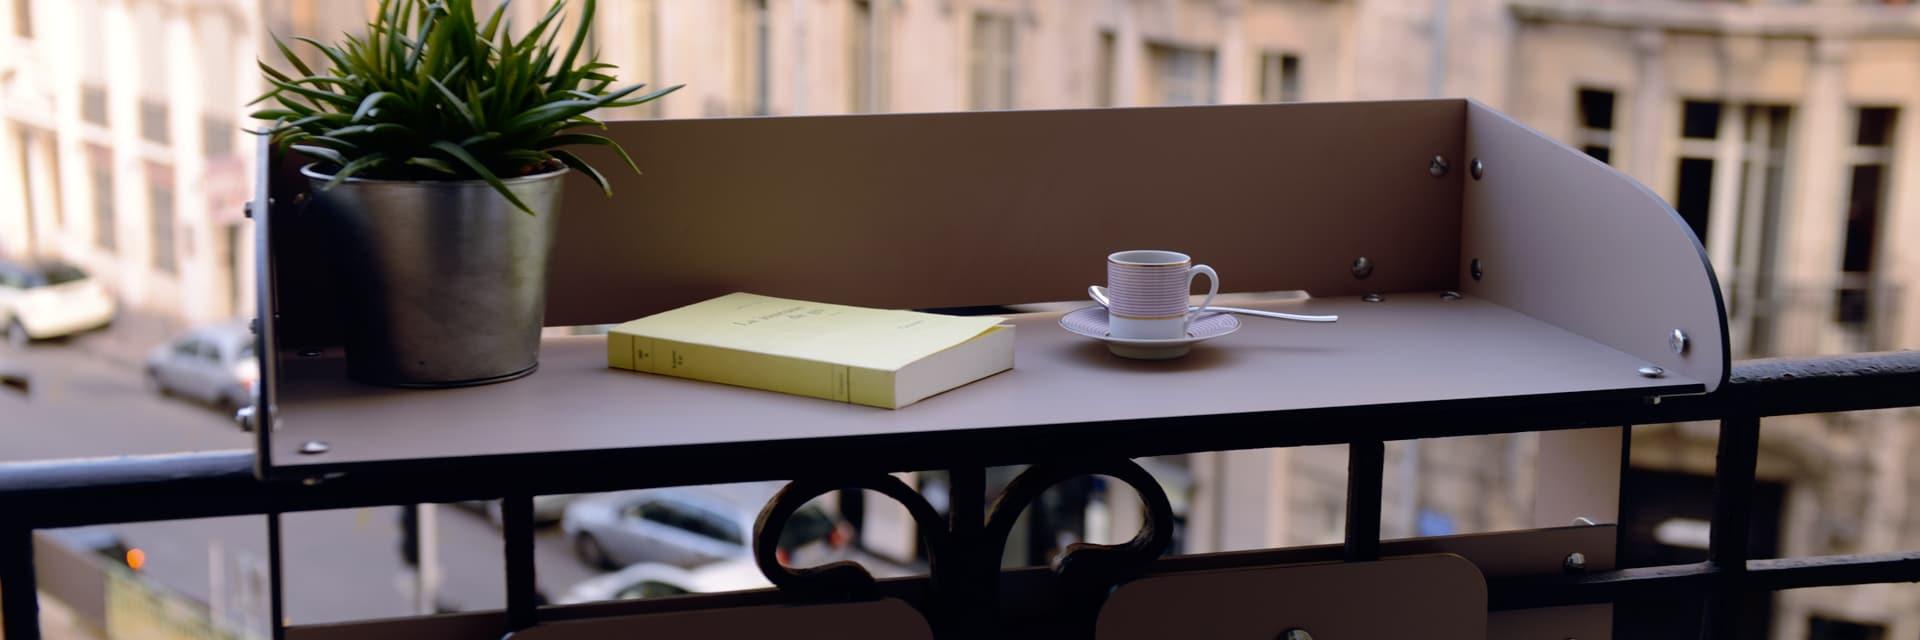 Table de balcon bar baracood